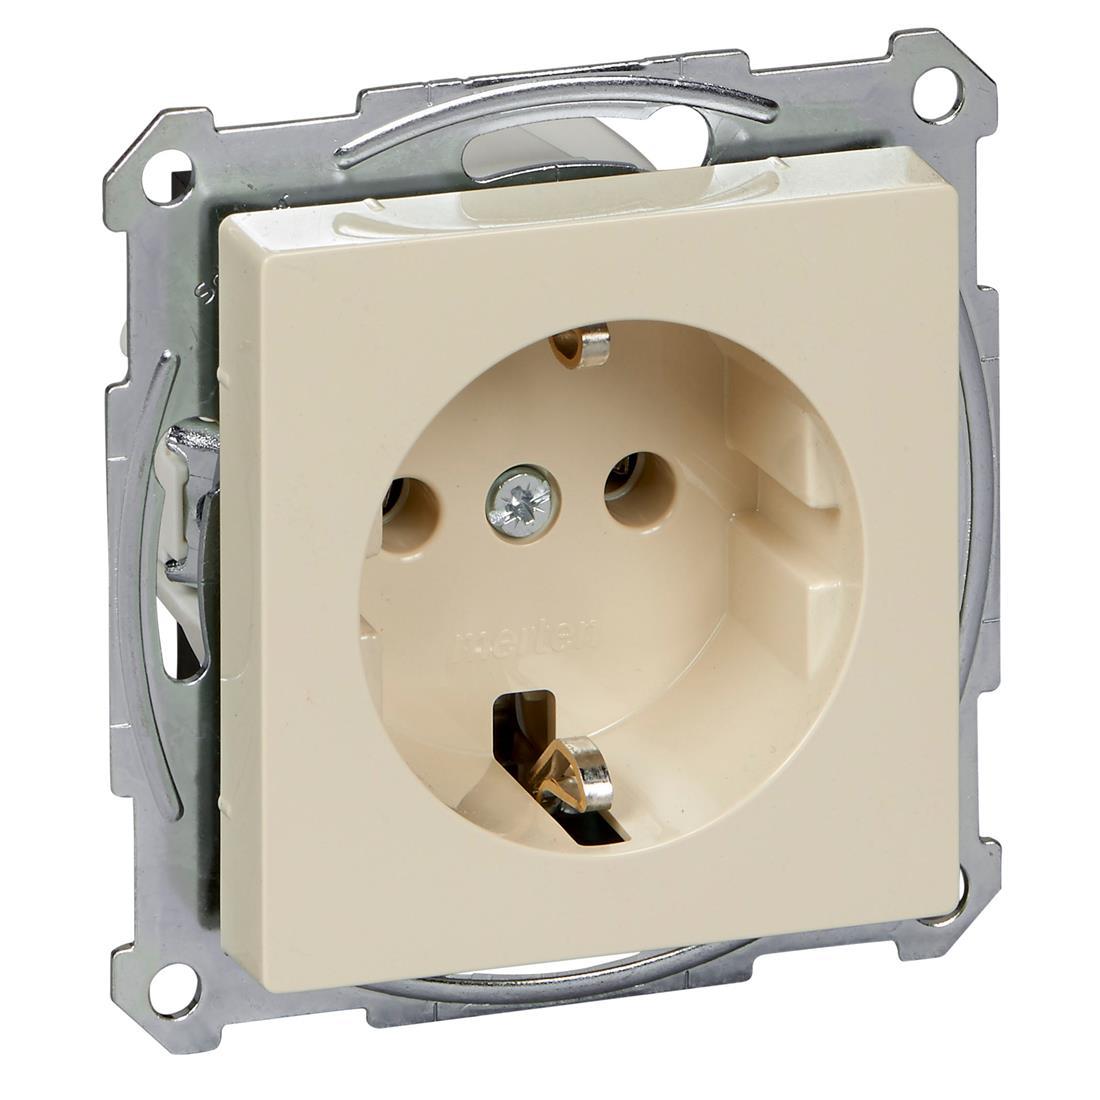 Schneider-Merten systeem M SCHUKO wandcontactdoos met steekklemmen - wit glanzend (MTN2301-0344)